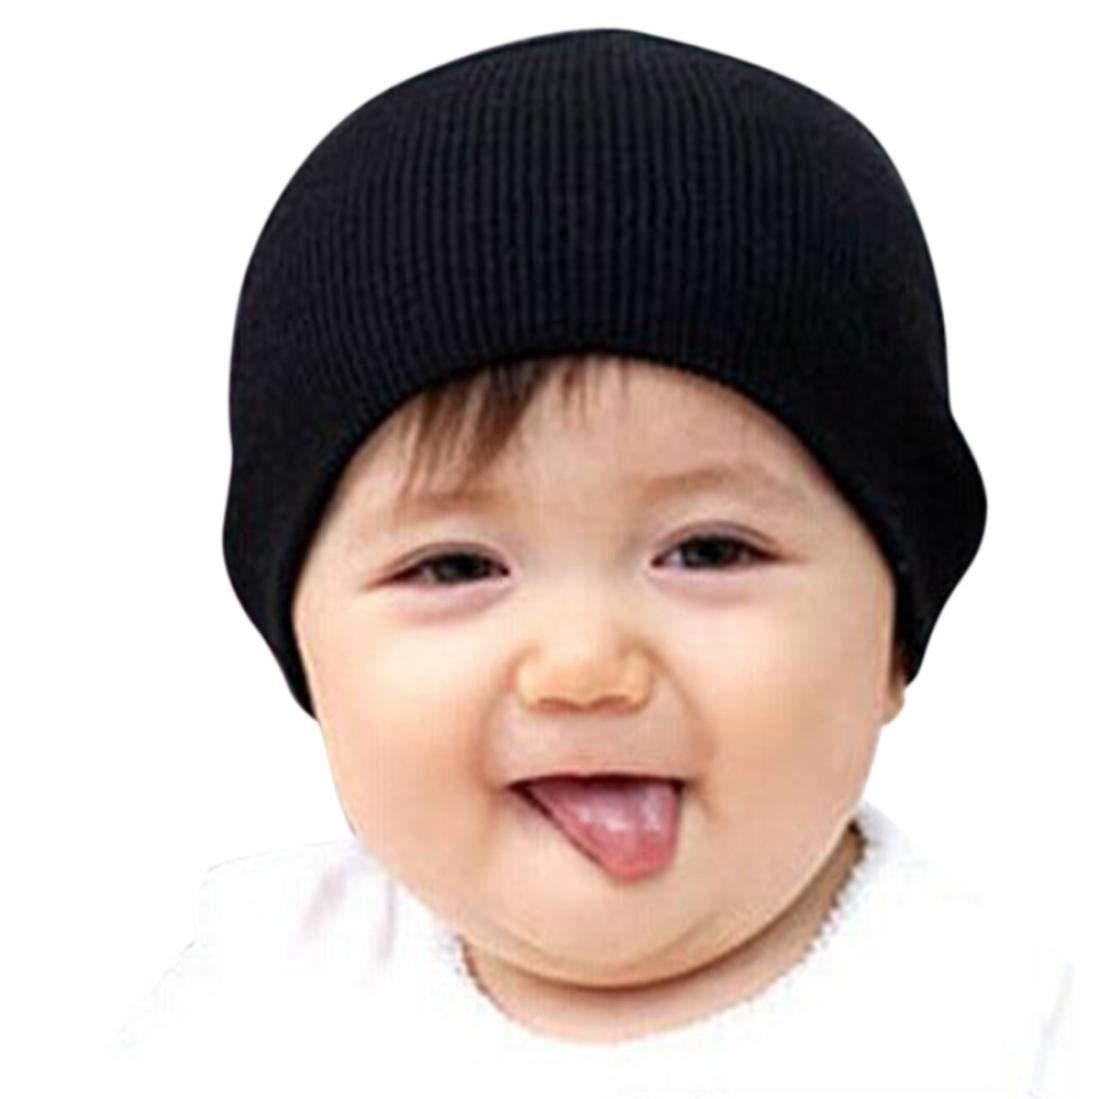 12a8fb154c89 Amazon.com  Ximandi Solid Baby Winter Hat Bonnet Enfant Kids Boy Girl  Infant Cotton Soft Warm Hats (Black